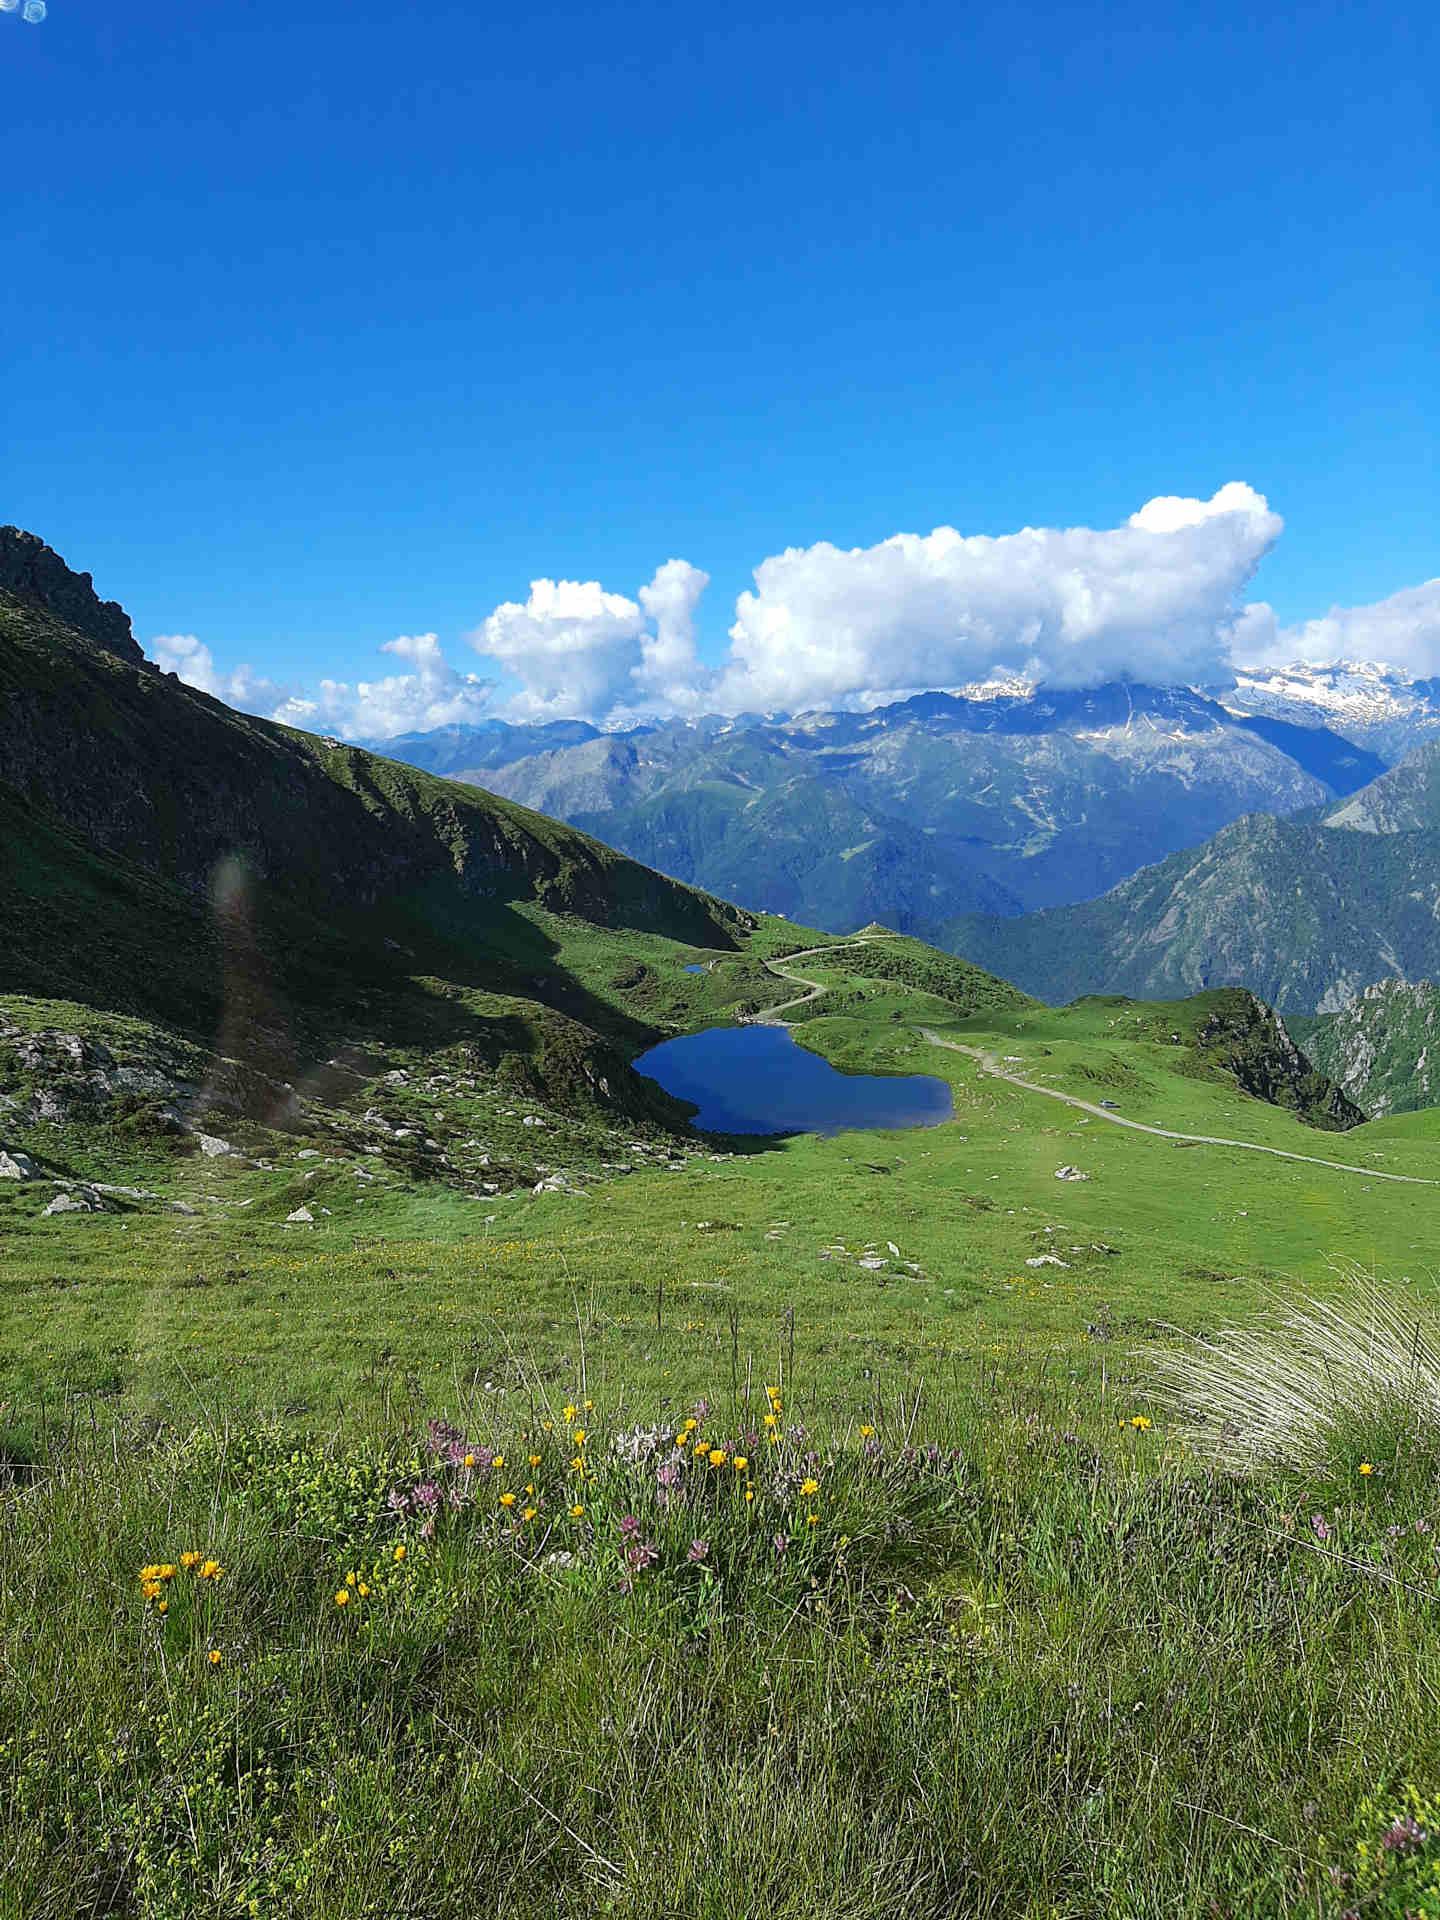 Foto-solstizio-d-estate-lago-di-monastero-valli-di-lanzo-promuovere